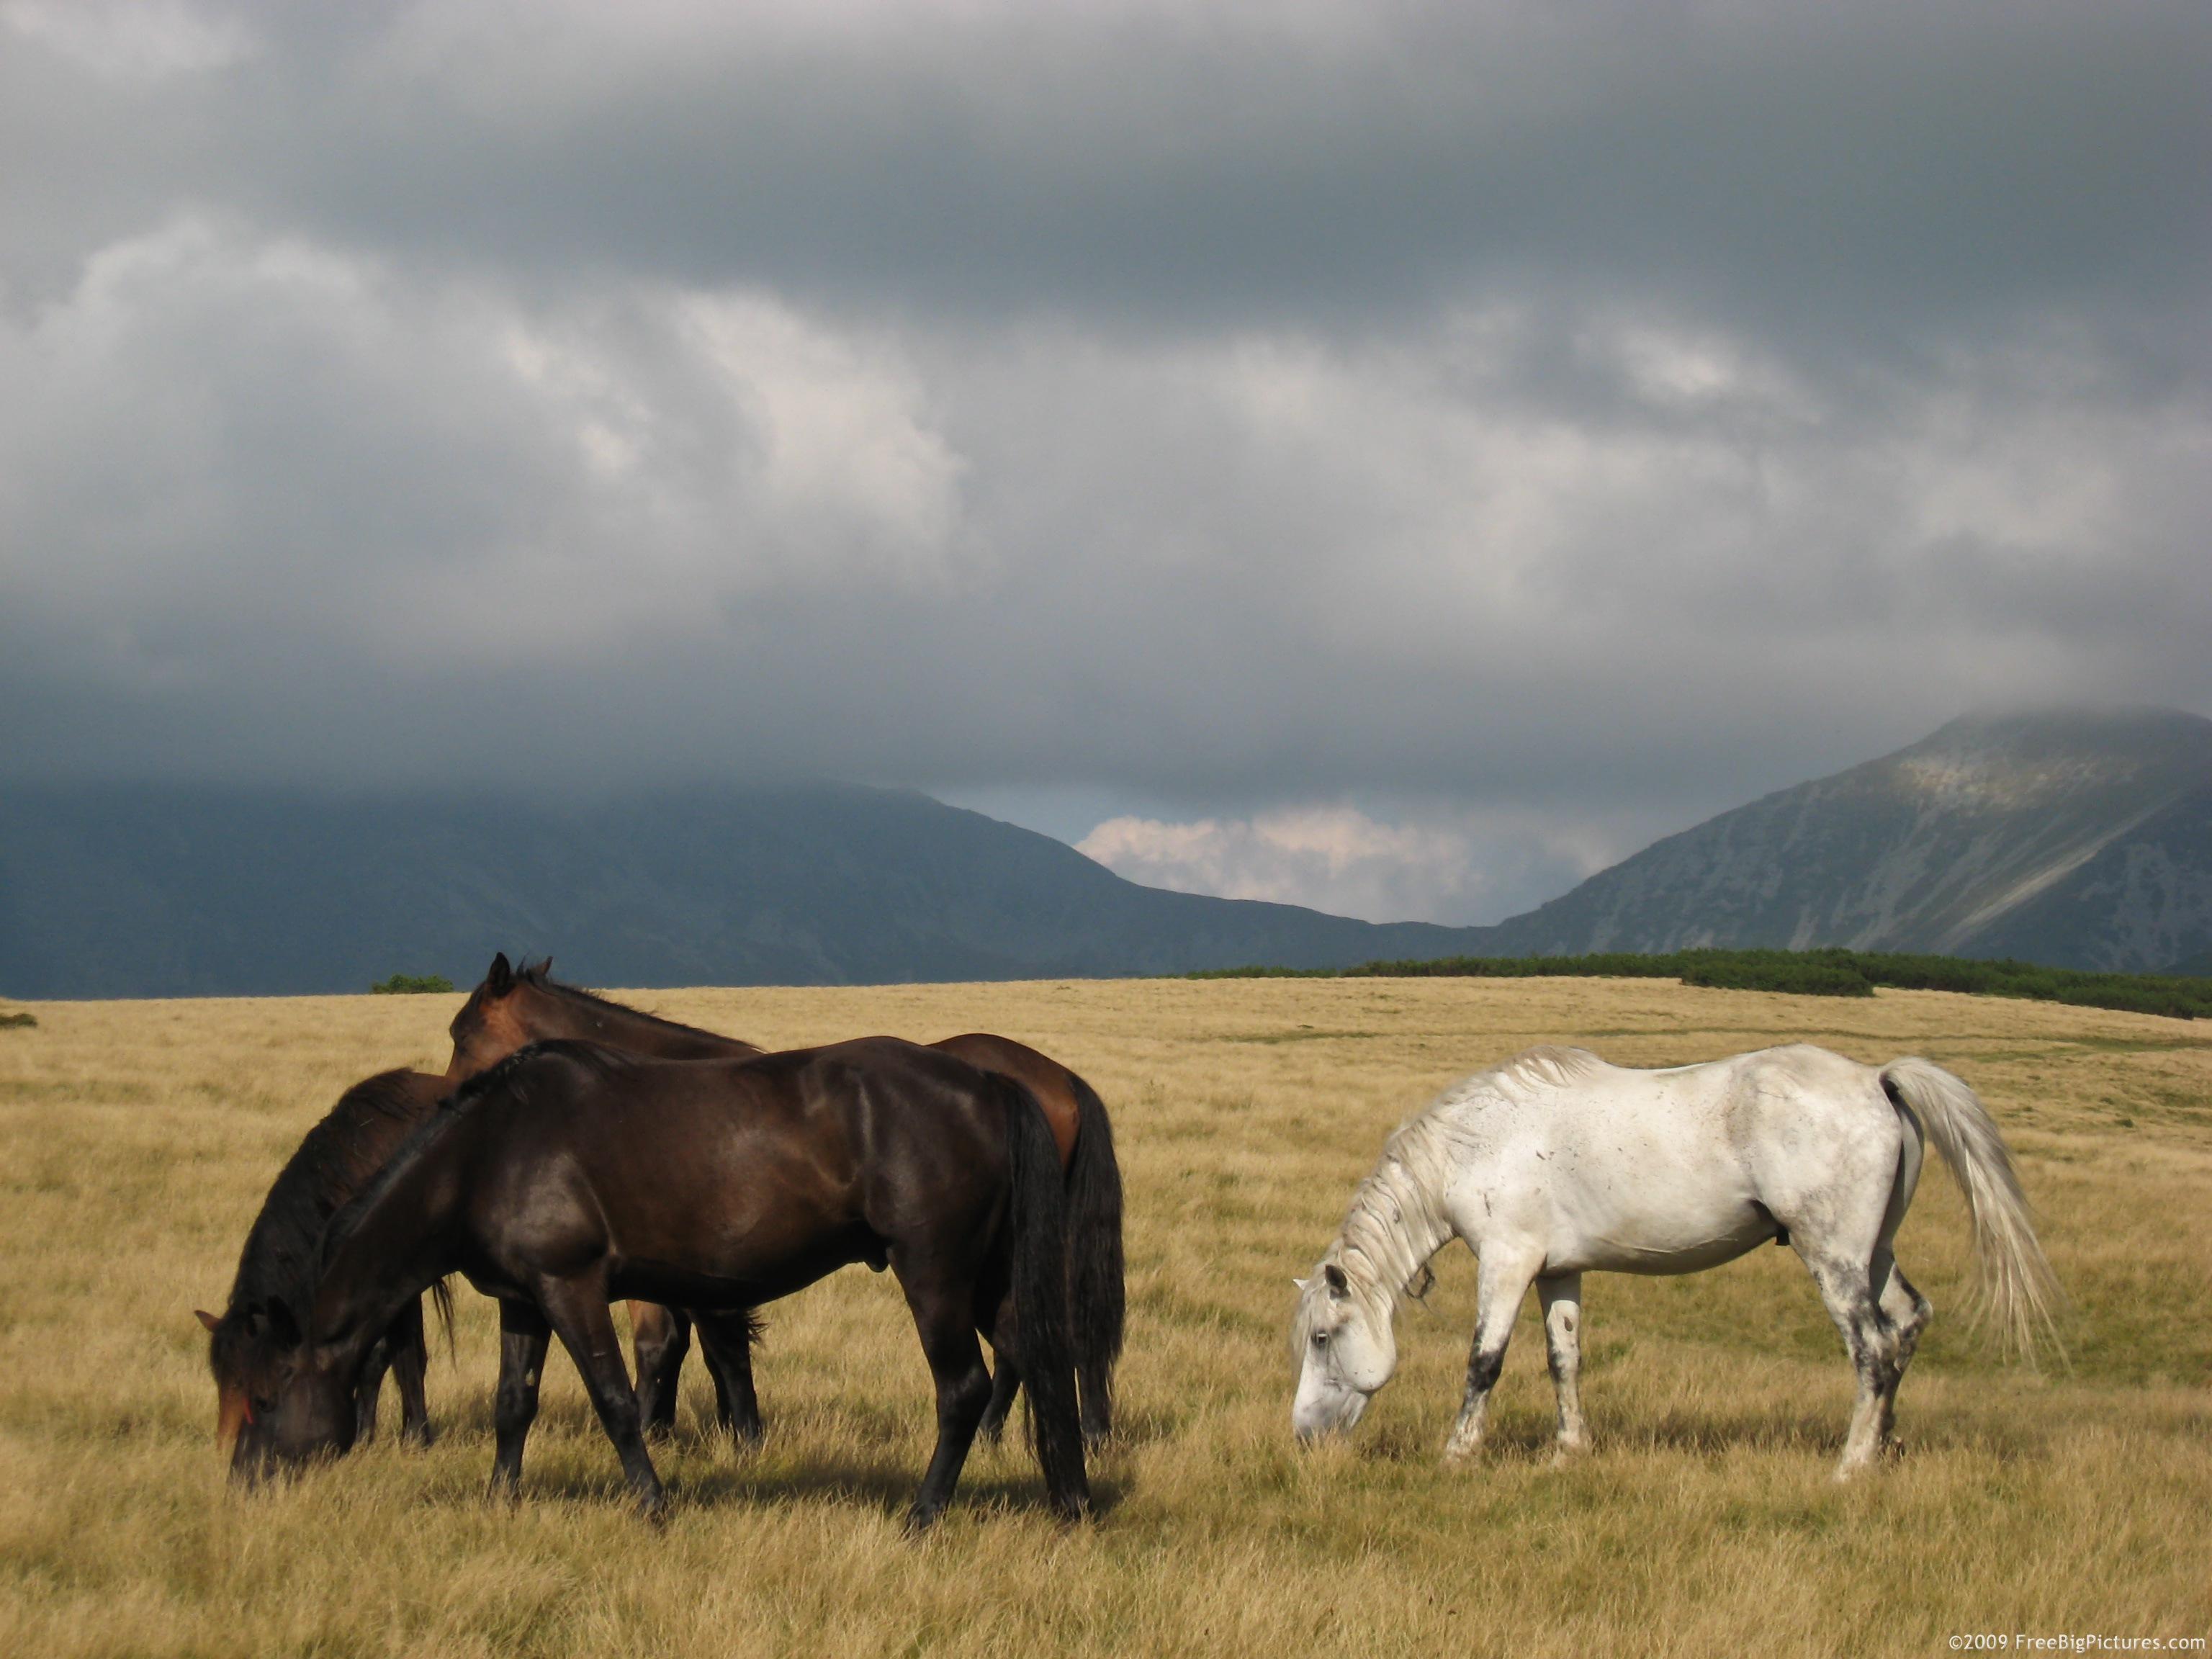 Grazing Horses Desktop Background Wallpapers HD   492400 3072x2304